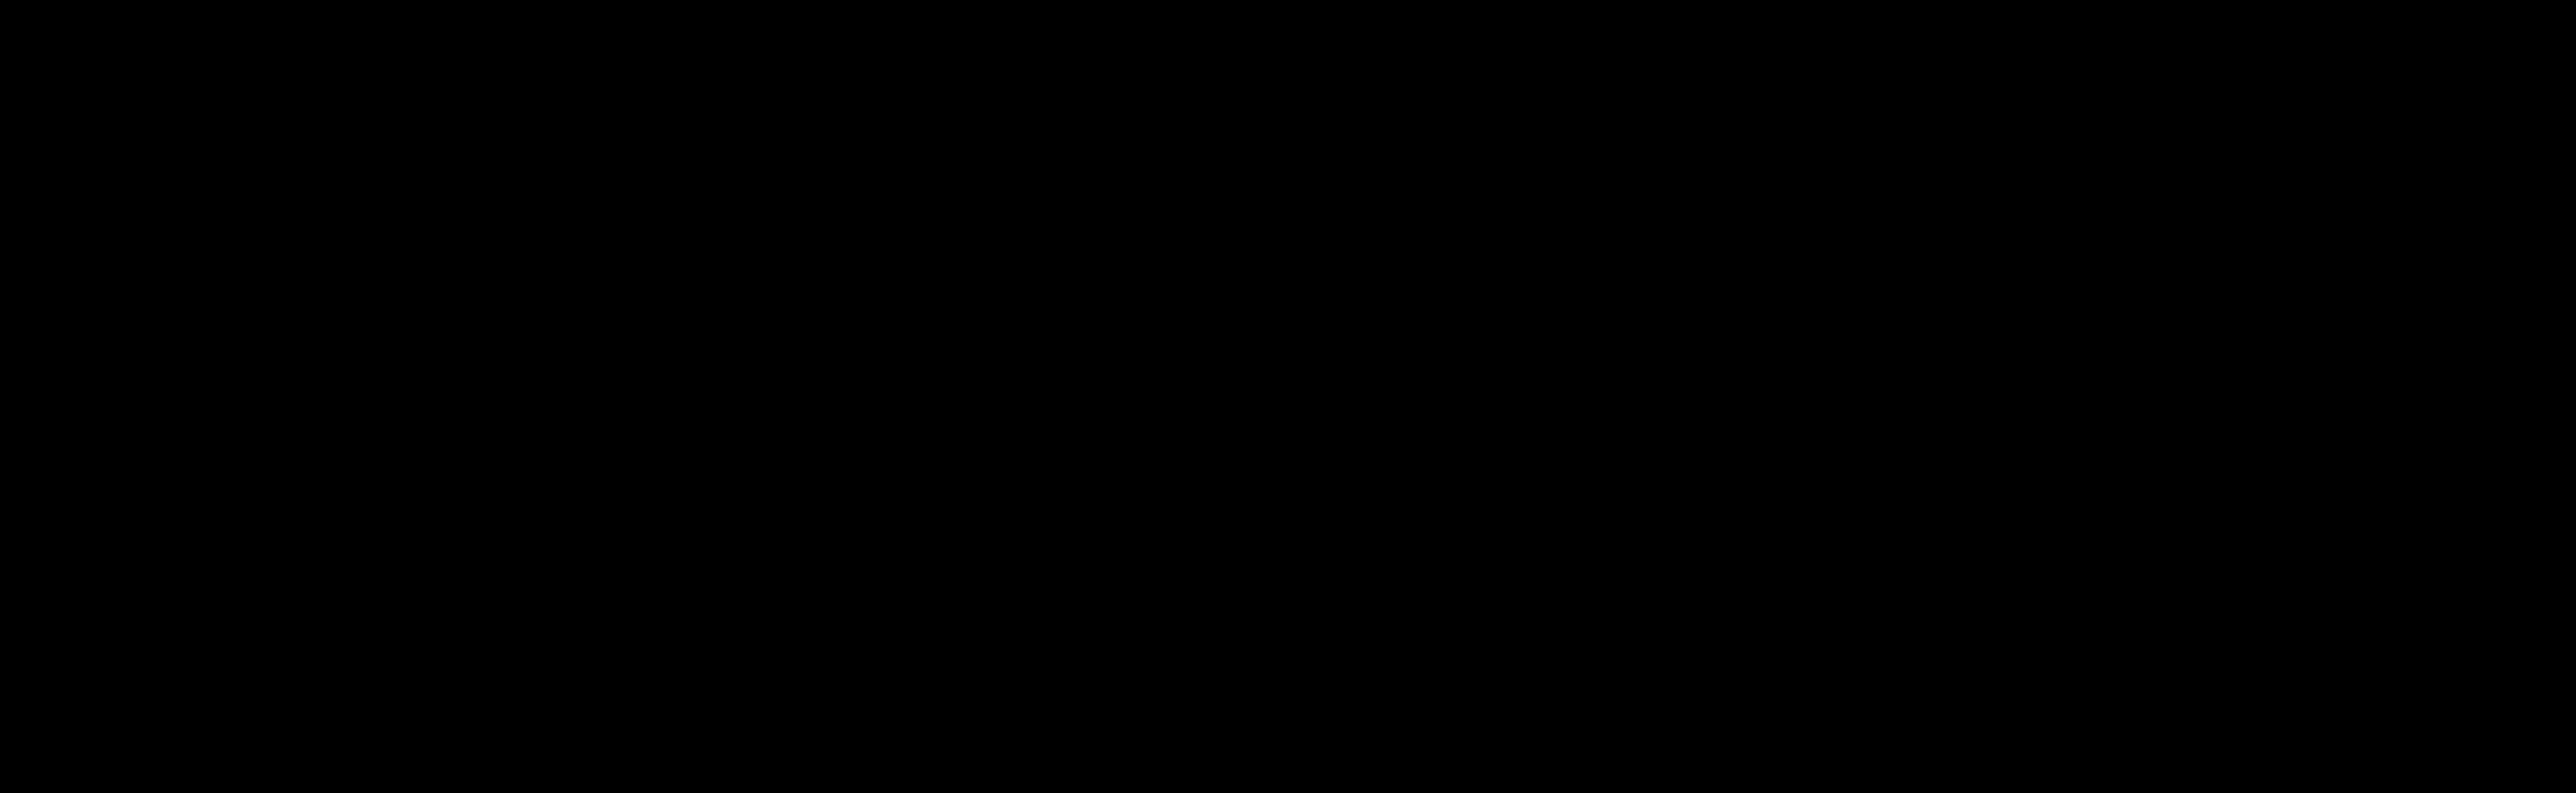 【豊橋の金券ショップ】フリーチケット豊橋駅西口店・豊橋メガドンキ店